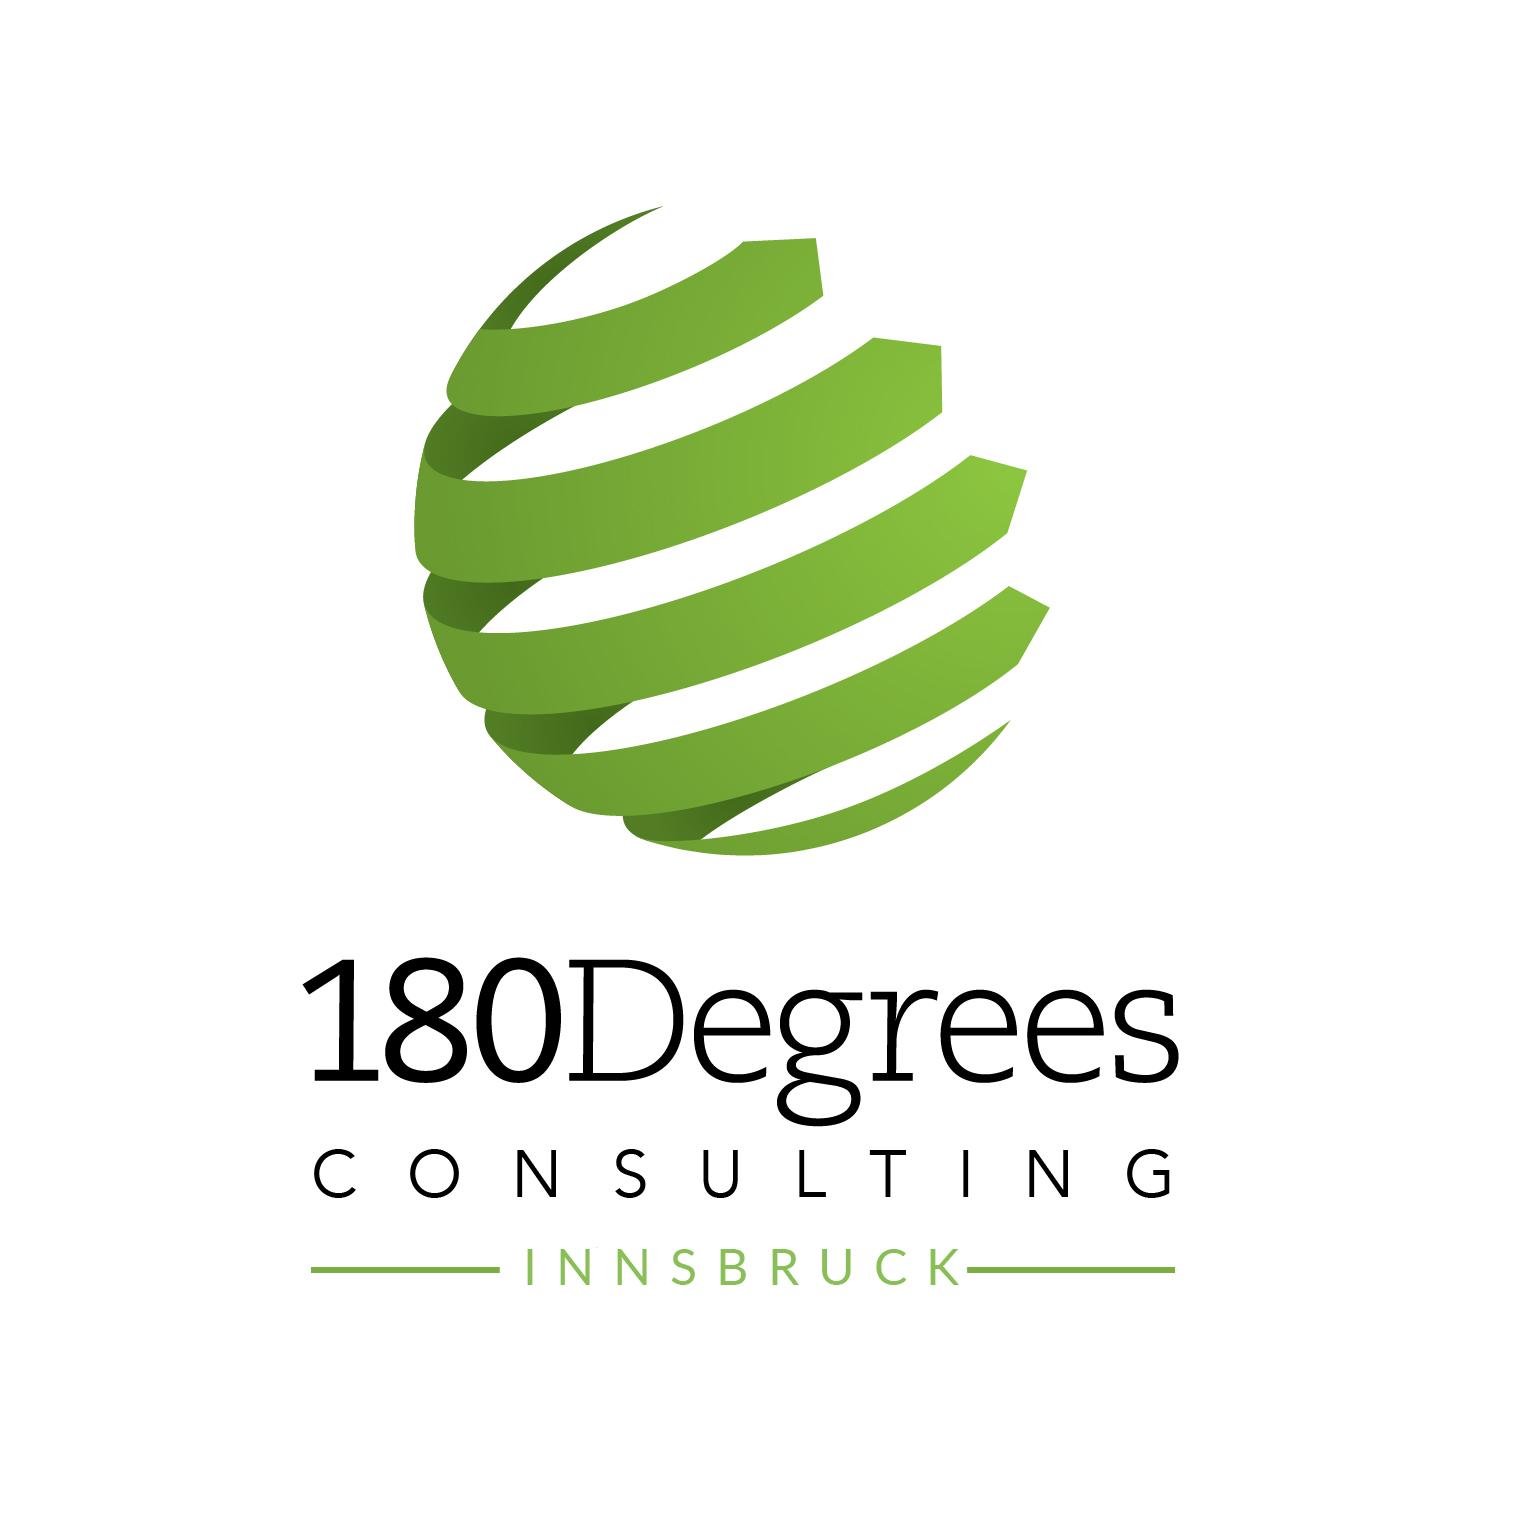 Logo 180 Degrees Consulting Innsbruck